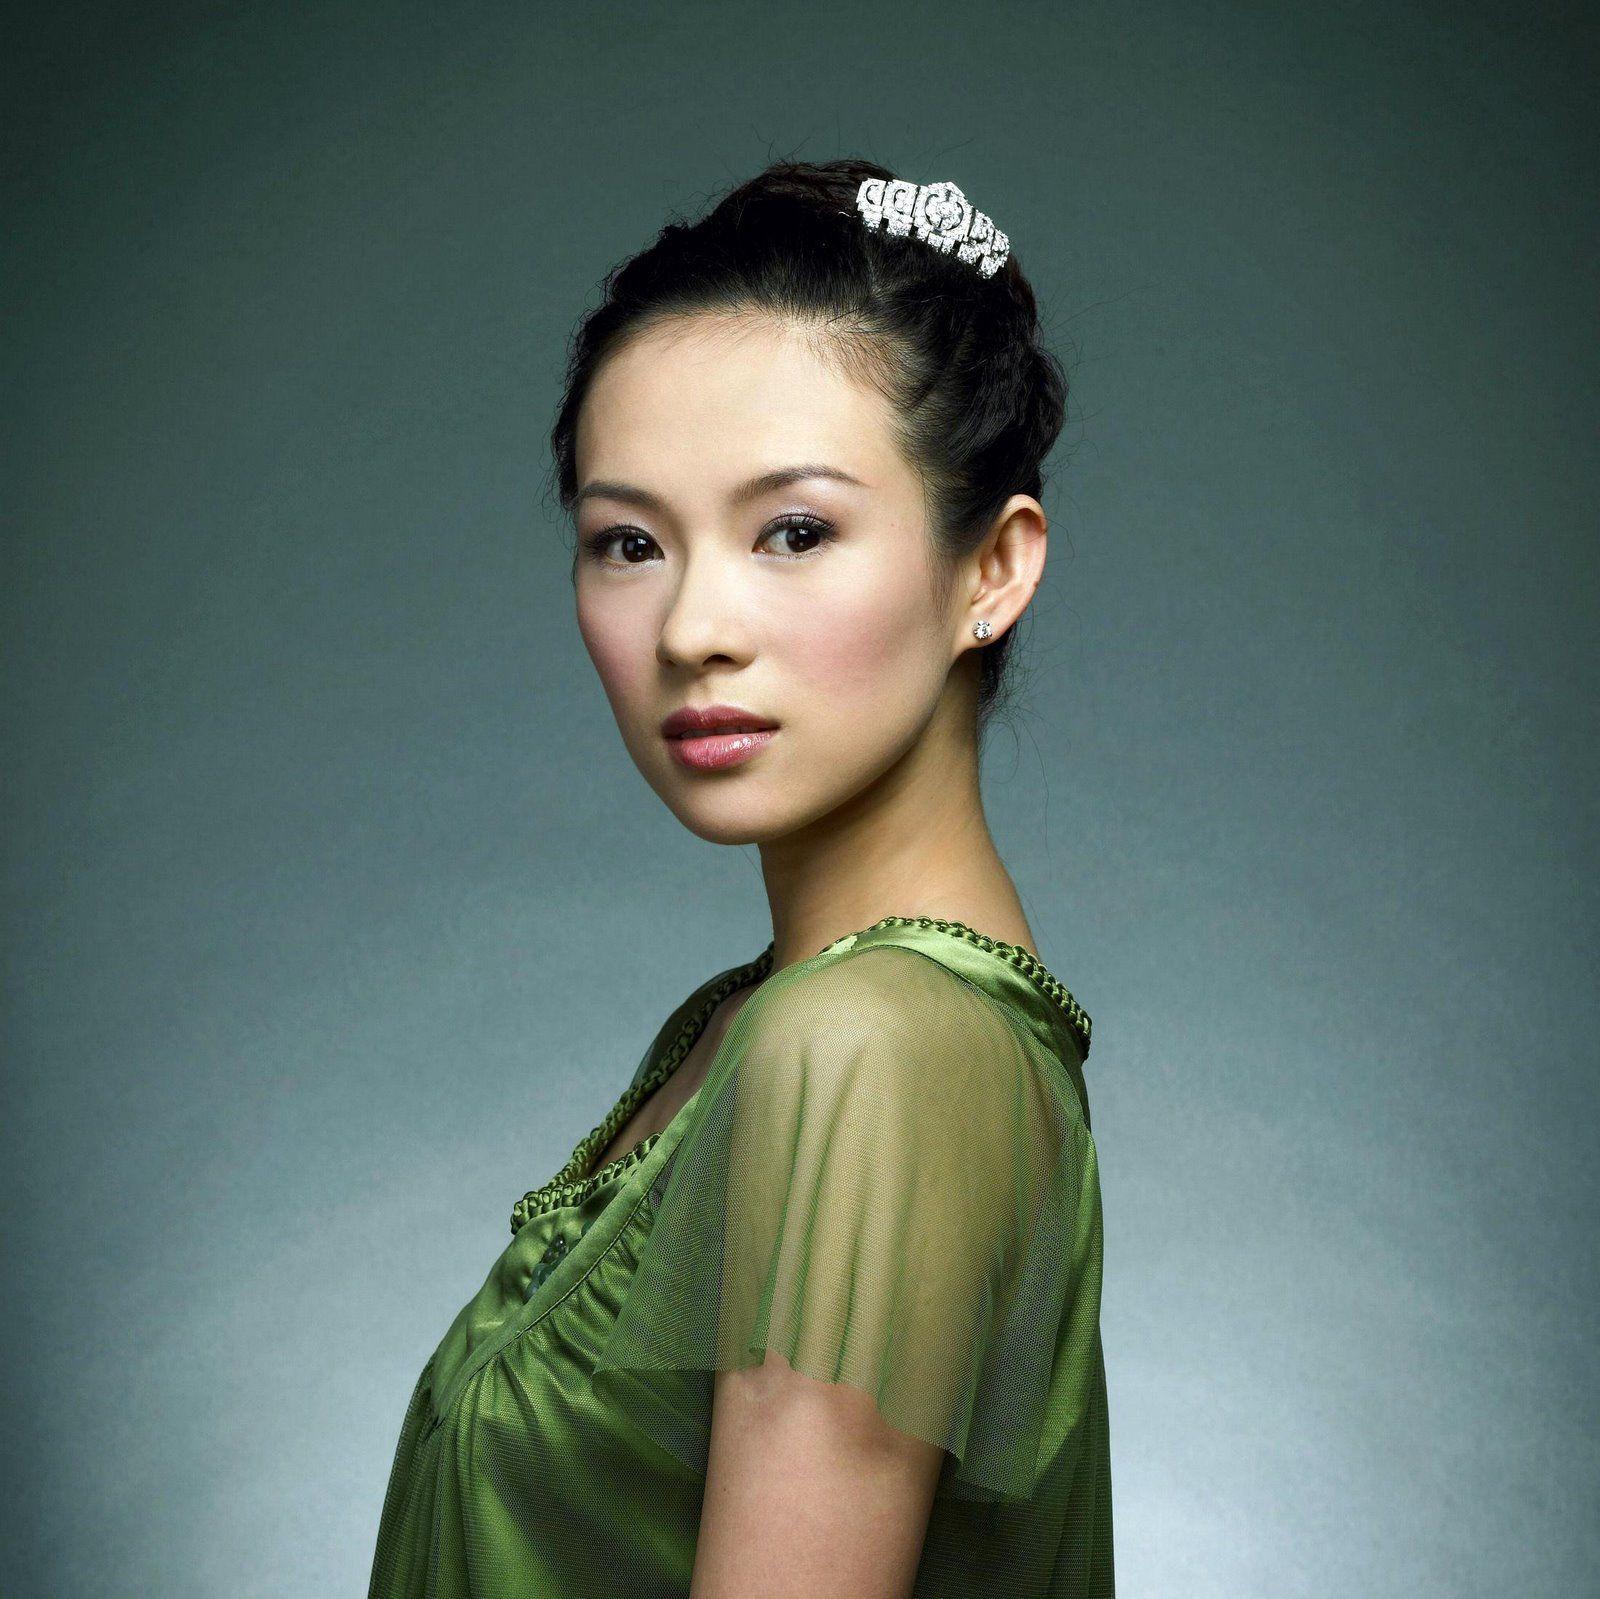 Zhang ziyi contact beautiful celebrities free at staraddresses